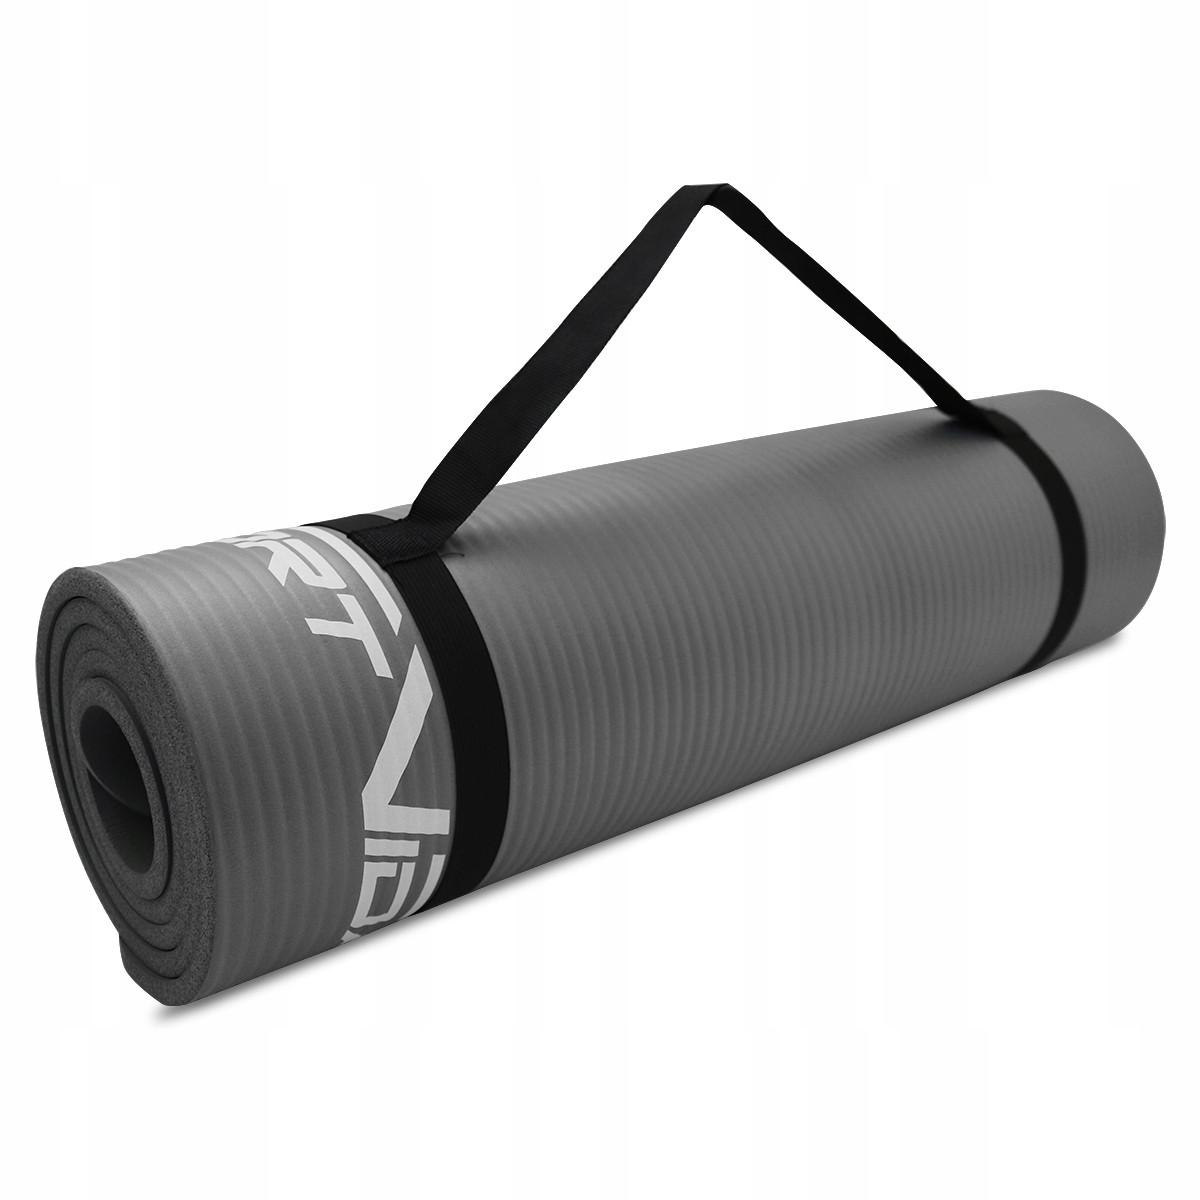 Коврик (мат) для йоги и фитнеса SportVida NBR 1 см SV-HK0247 Grey